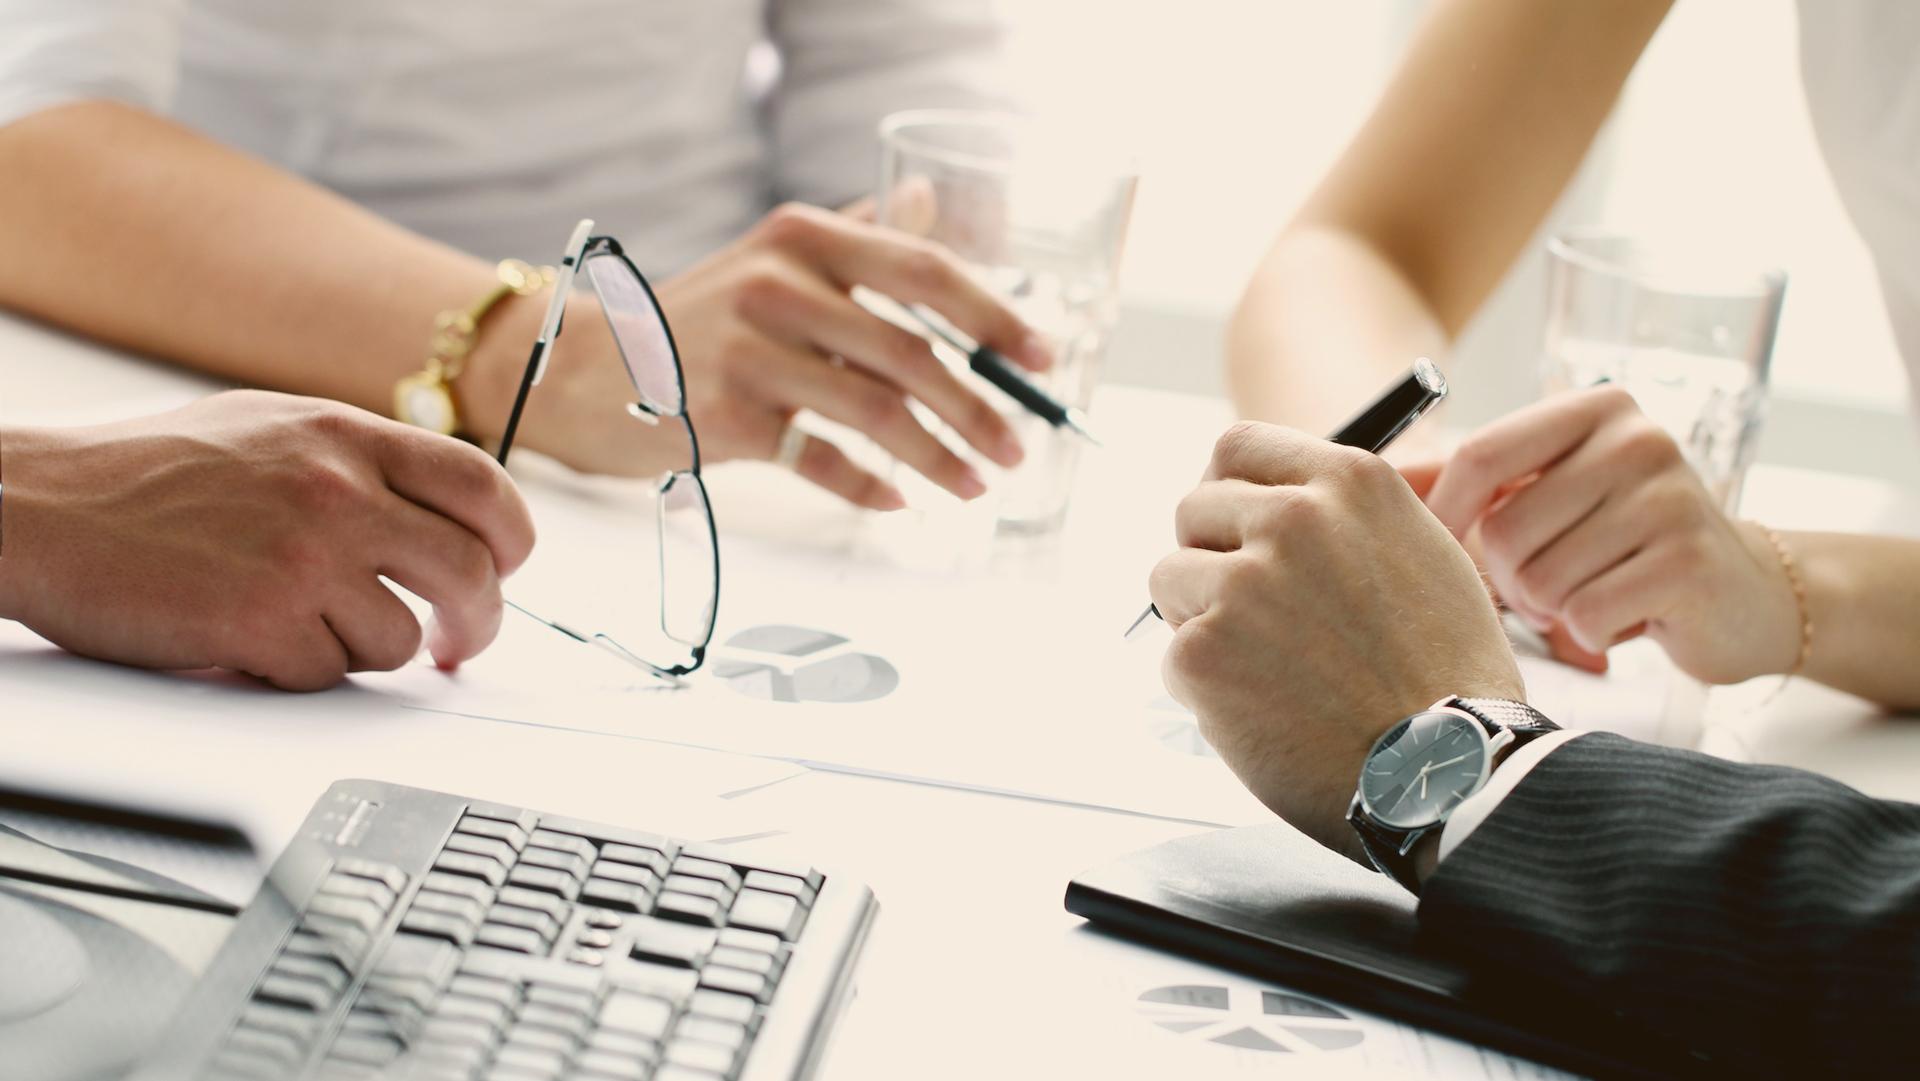 Mister quittance - A partir de quand est-ce que cela devient intéressant d'investir dans l'immobilier (1)